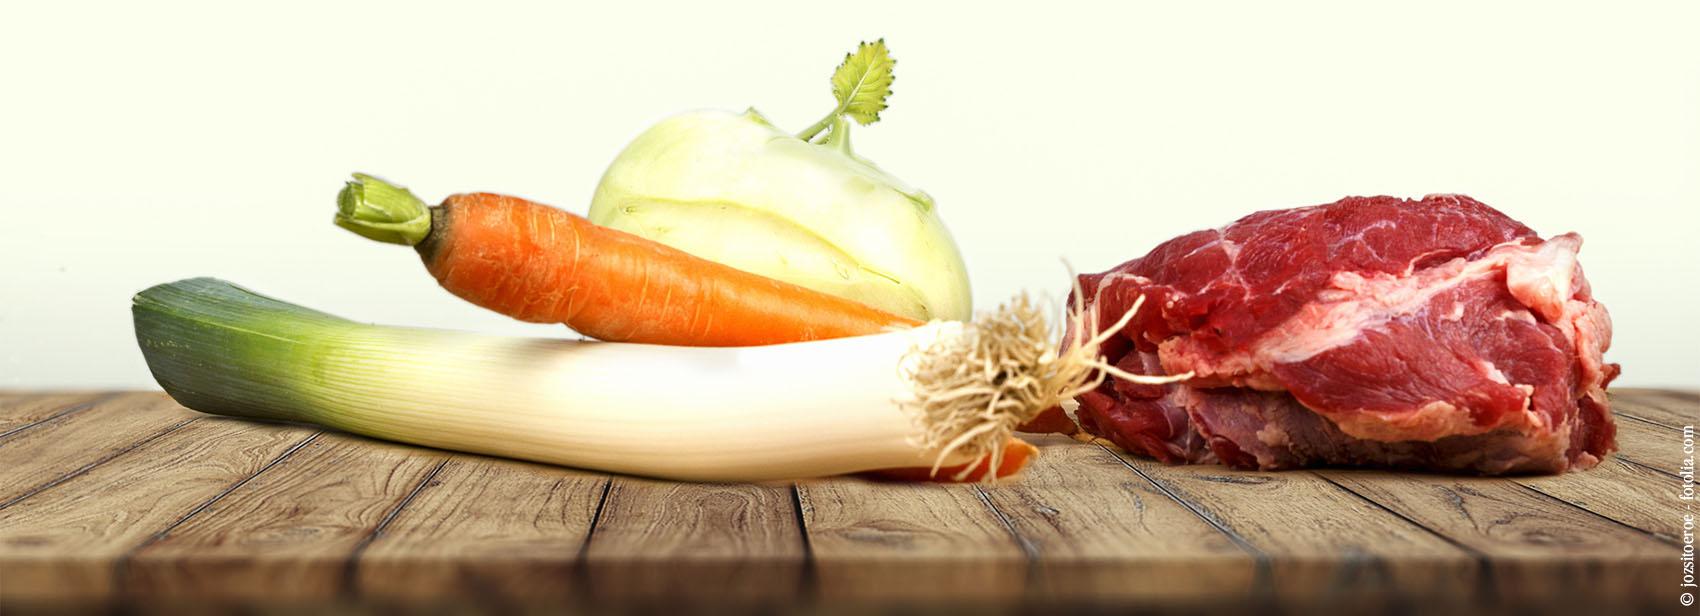 Fonds Gemüse Querkochen